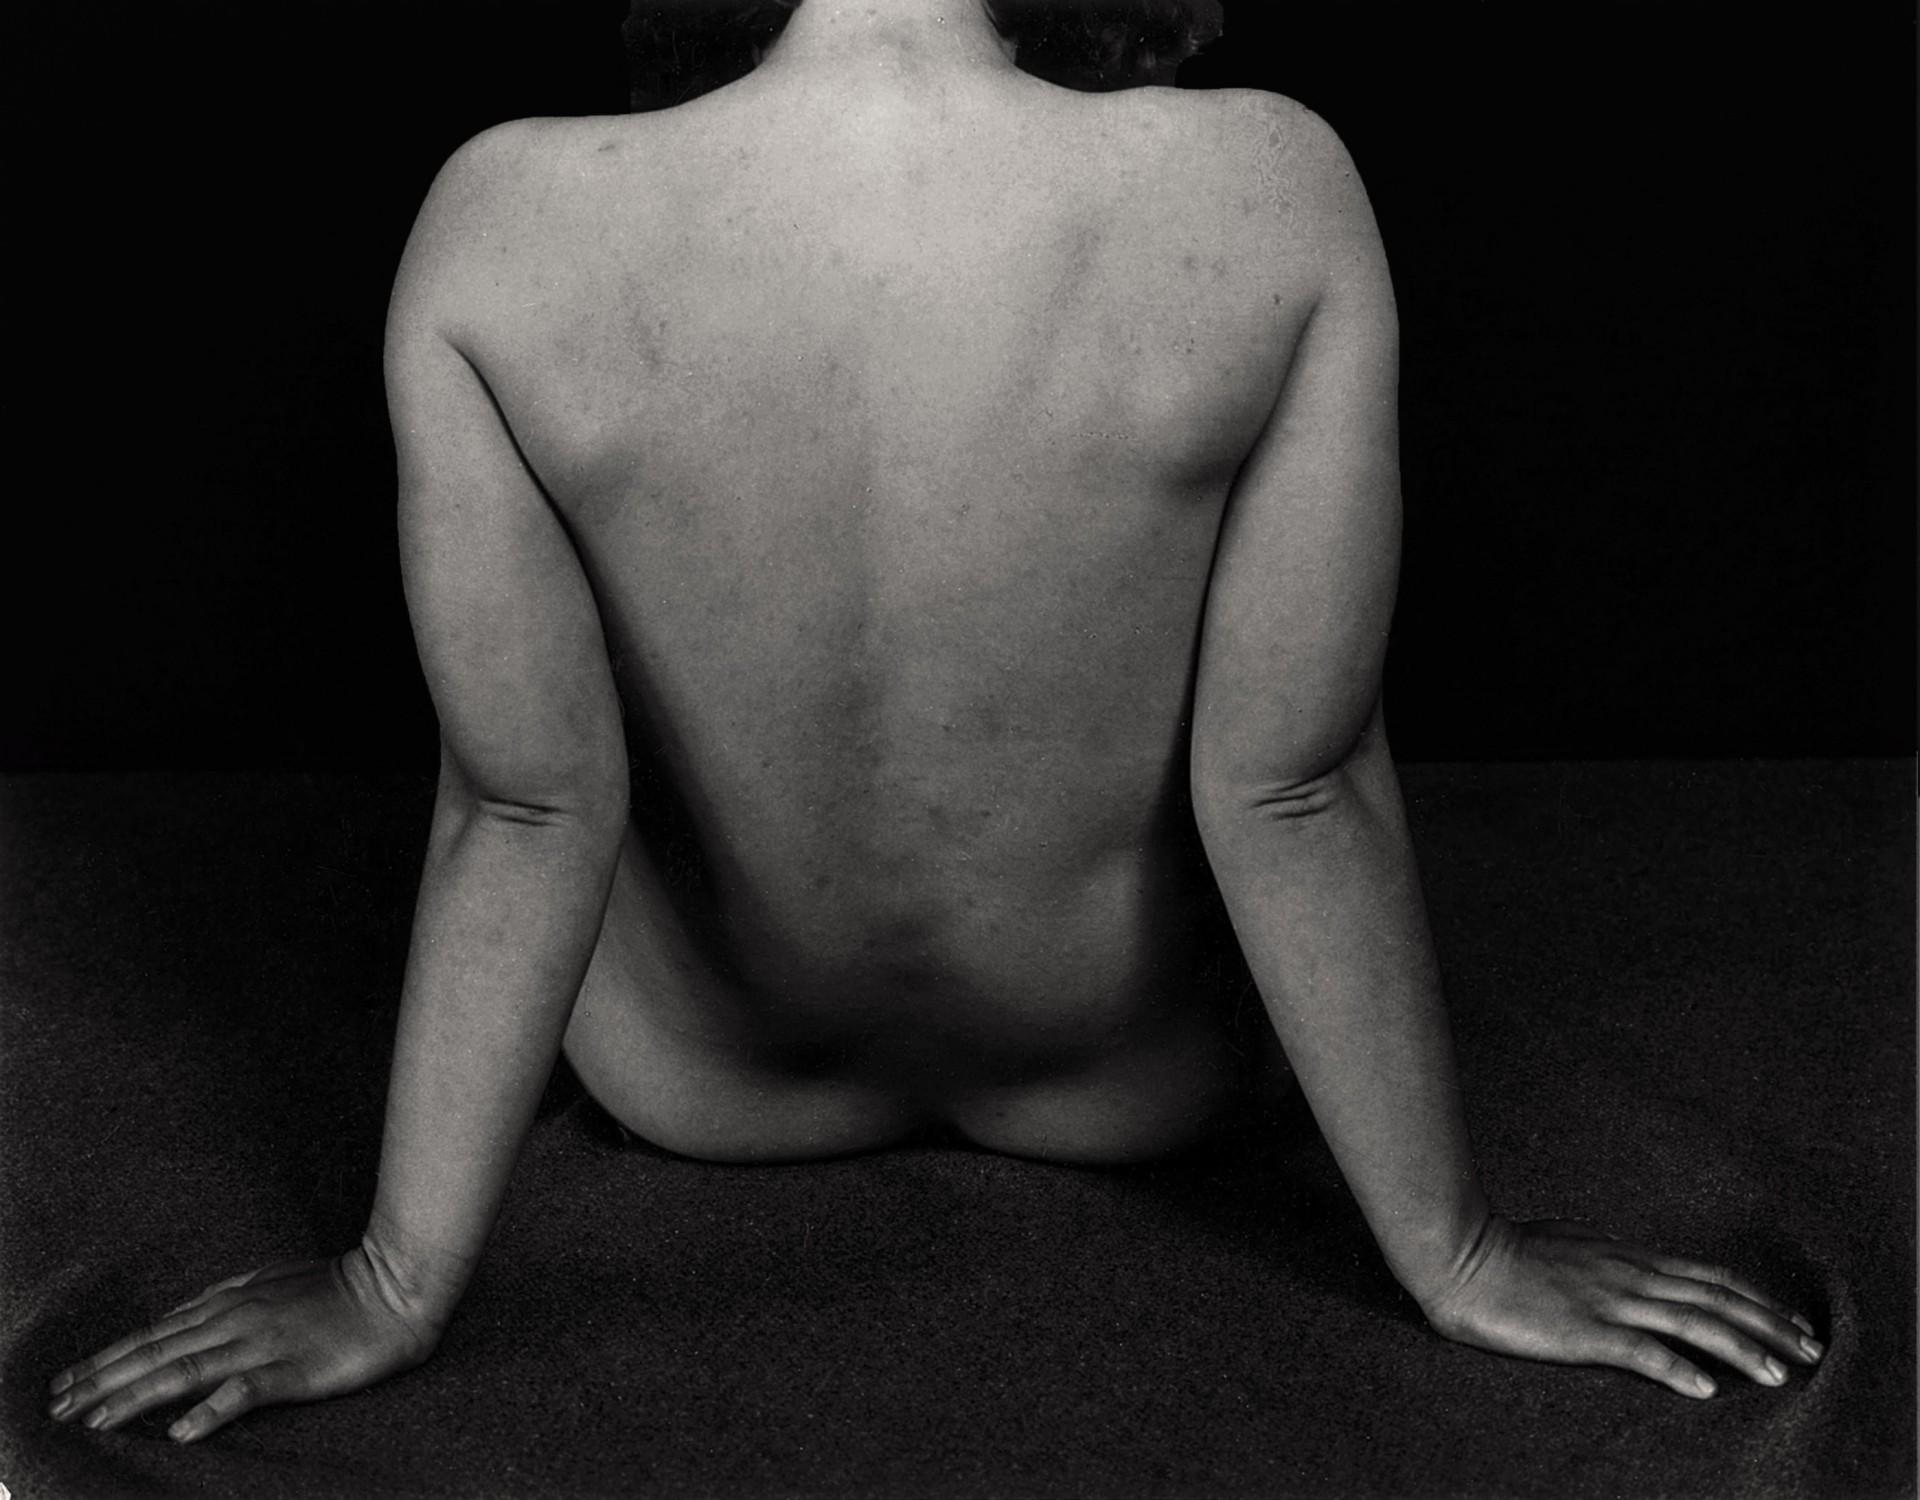 Fay Fuqua, 1933 (Edward Weston)